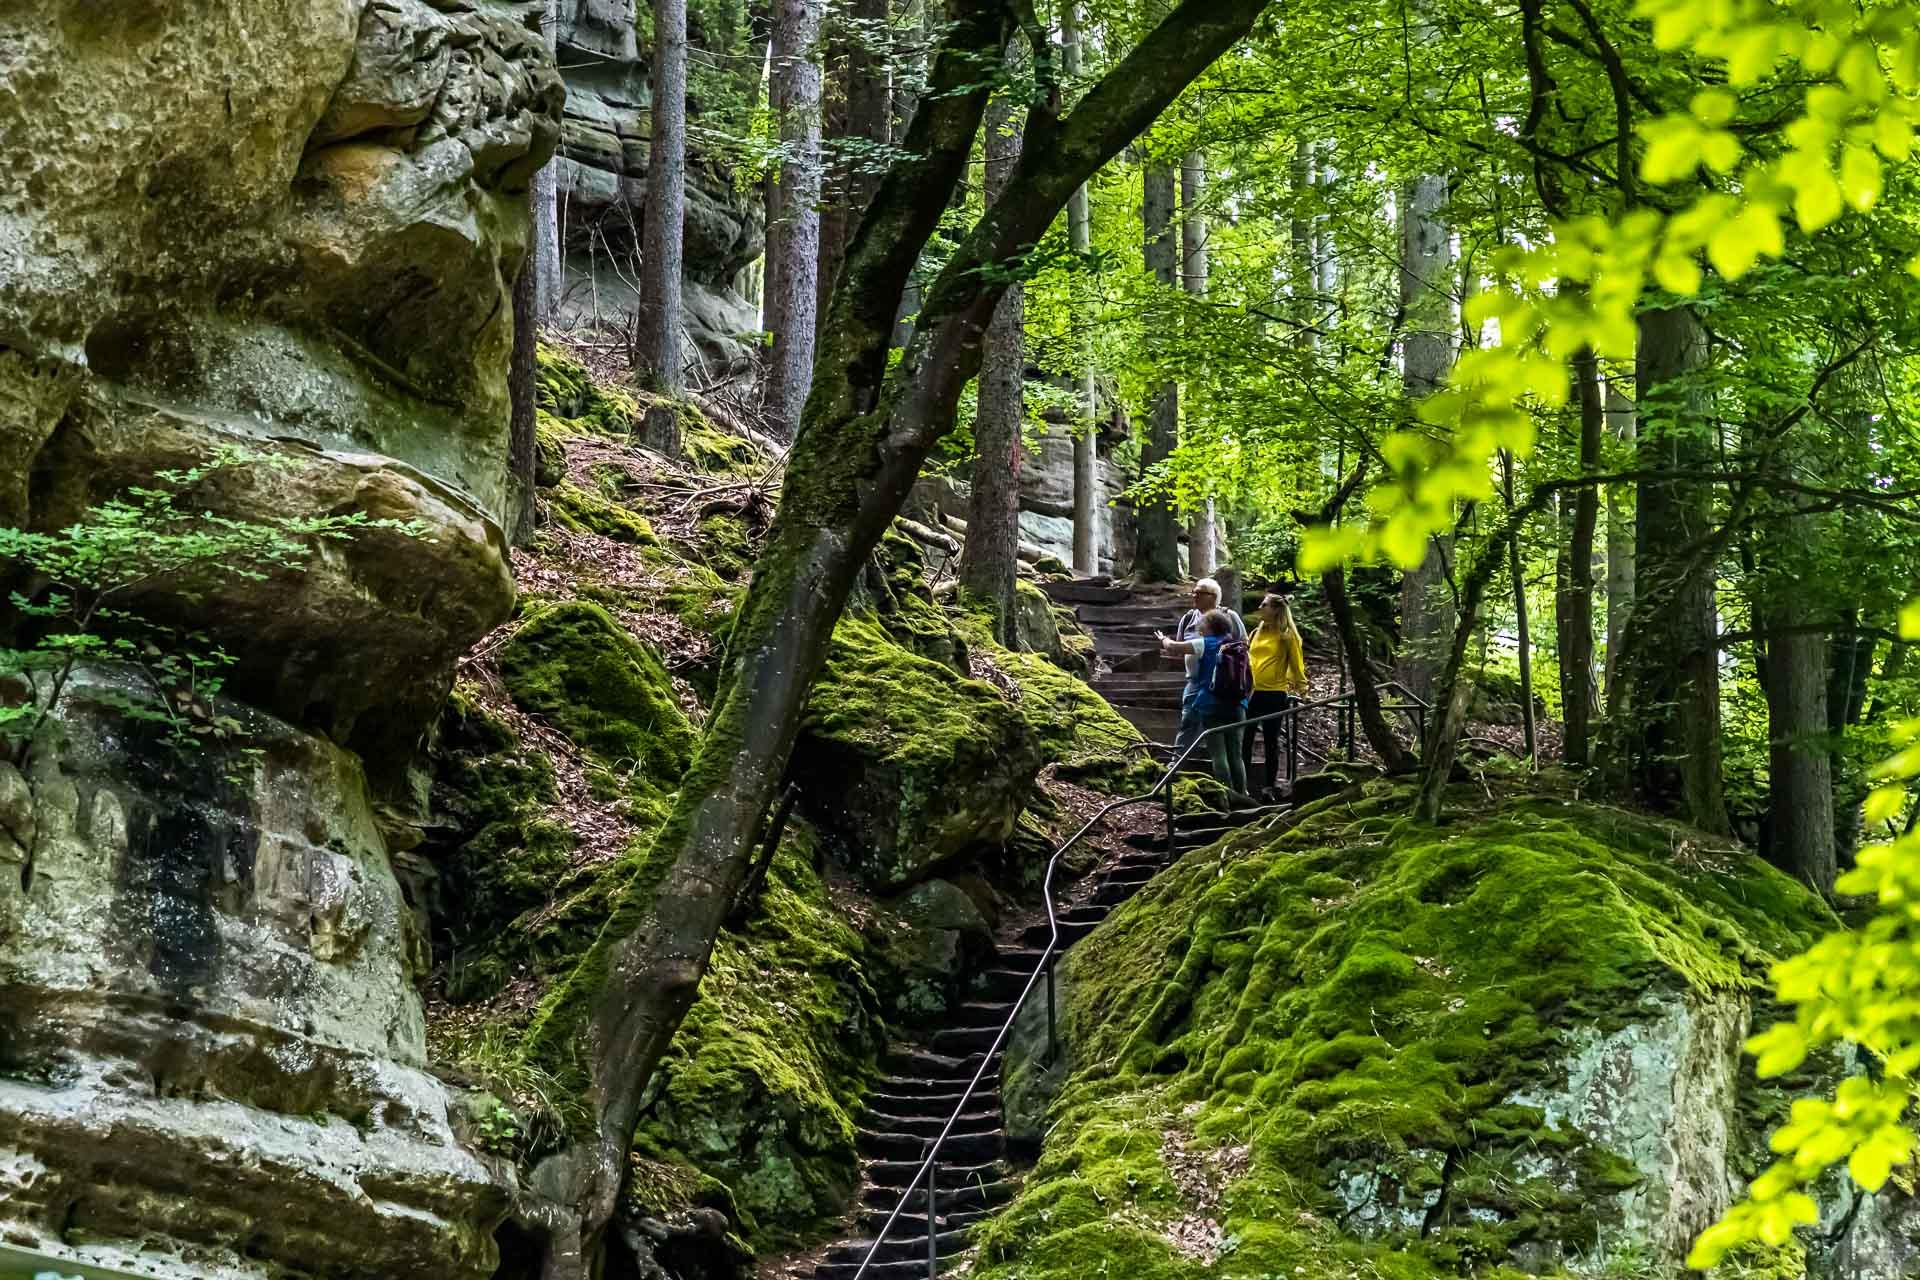 Das Müllerthal ist bekannt für seine Felsformationen aus Sandstein / © FrontRowSociety.net, Foto: Georg Berg